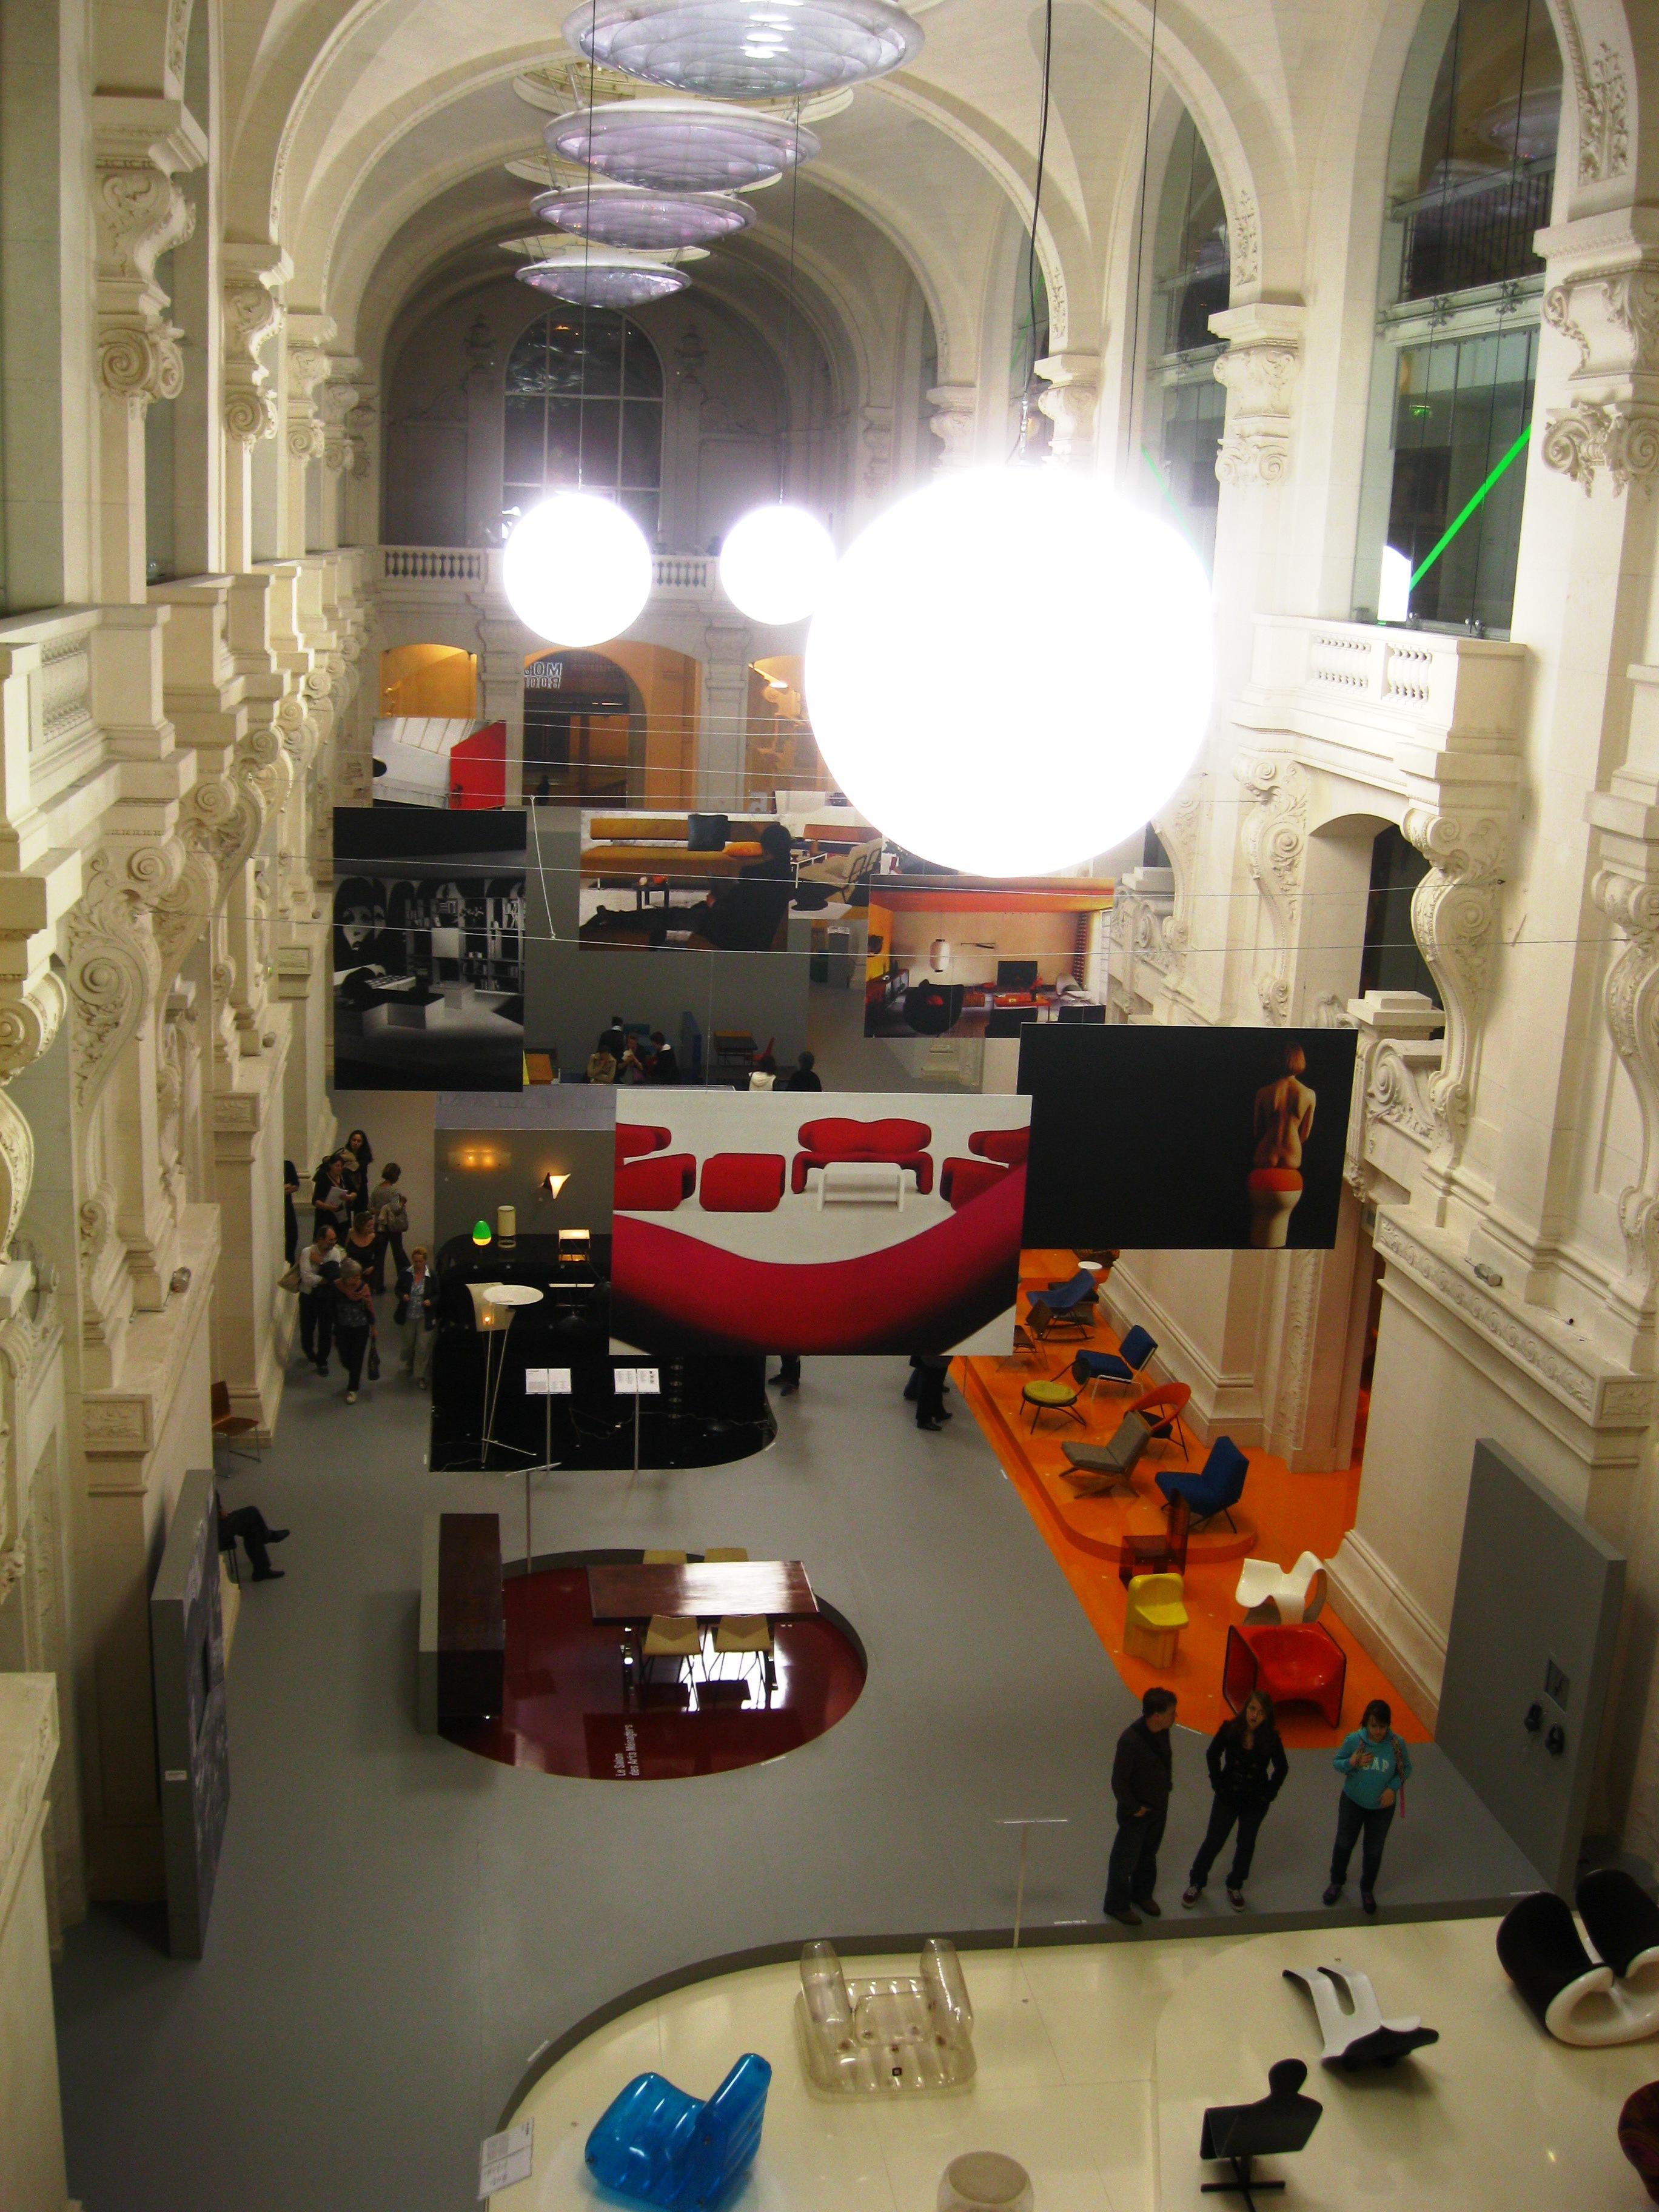 Visiting the mus e des arts d coratifs design and toys in paris ritournelle - Les arts decoratif paris ...